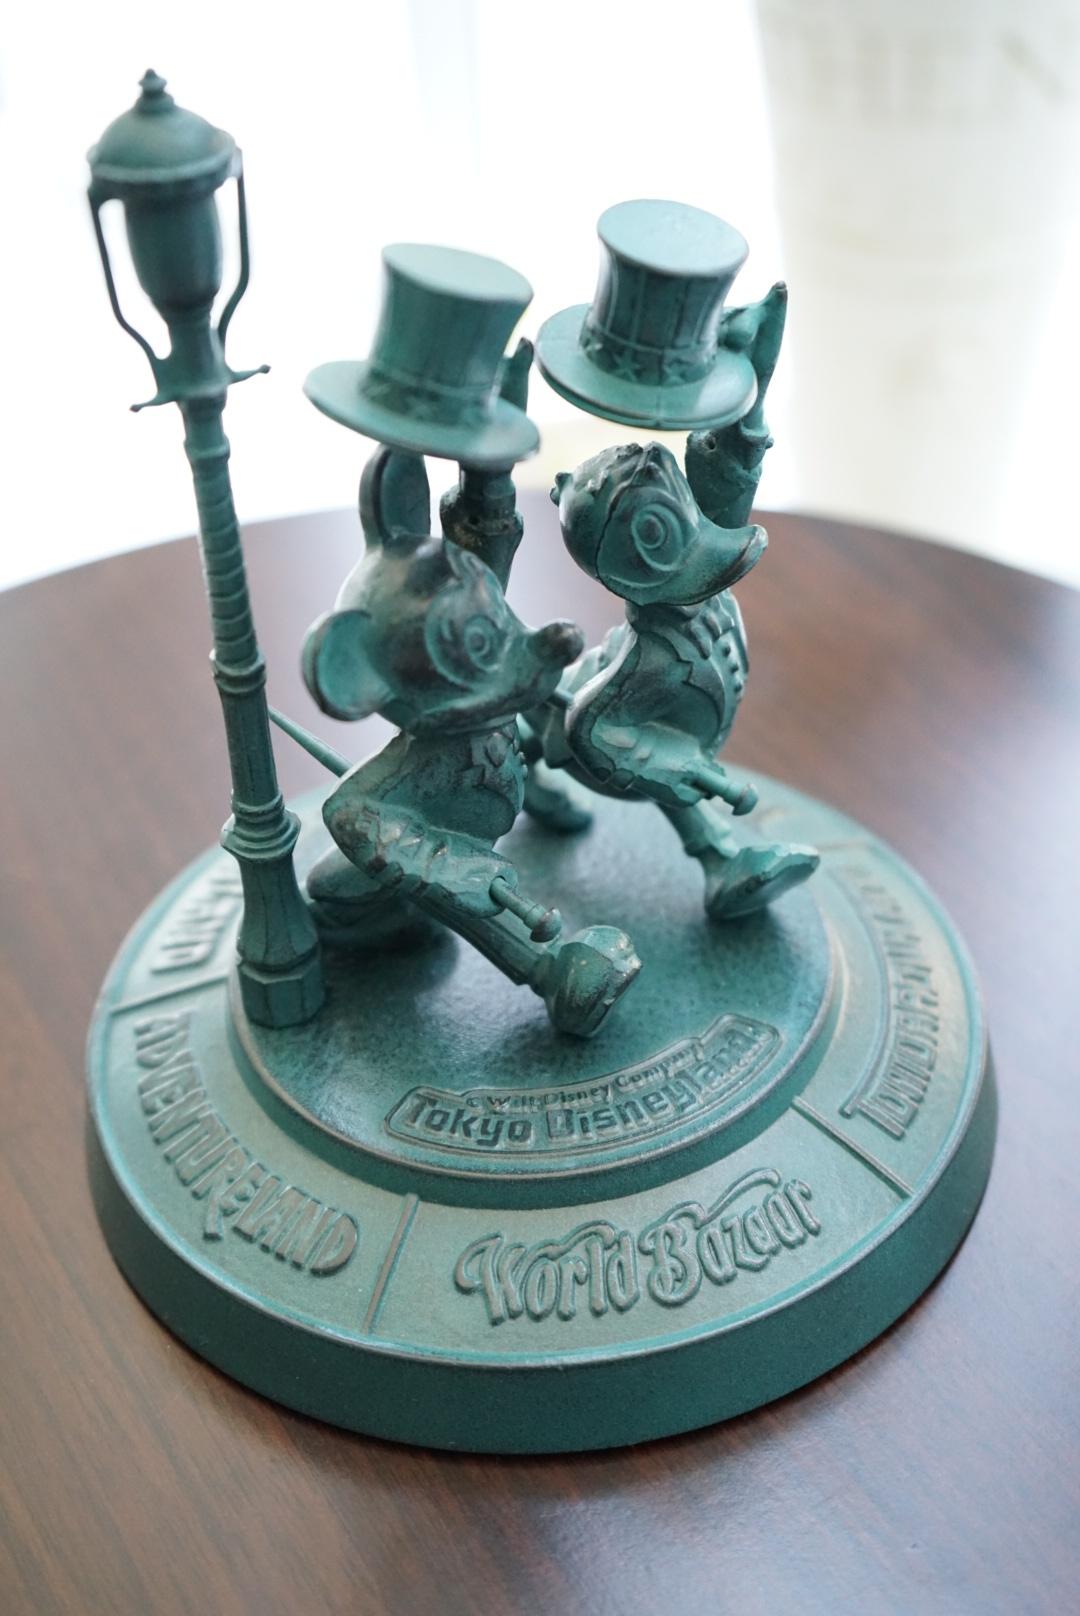 東京ディズニーランド 青銅ブロンズ像1